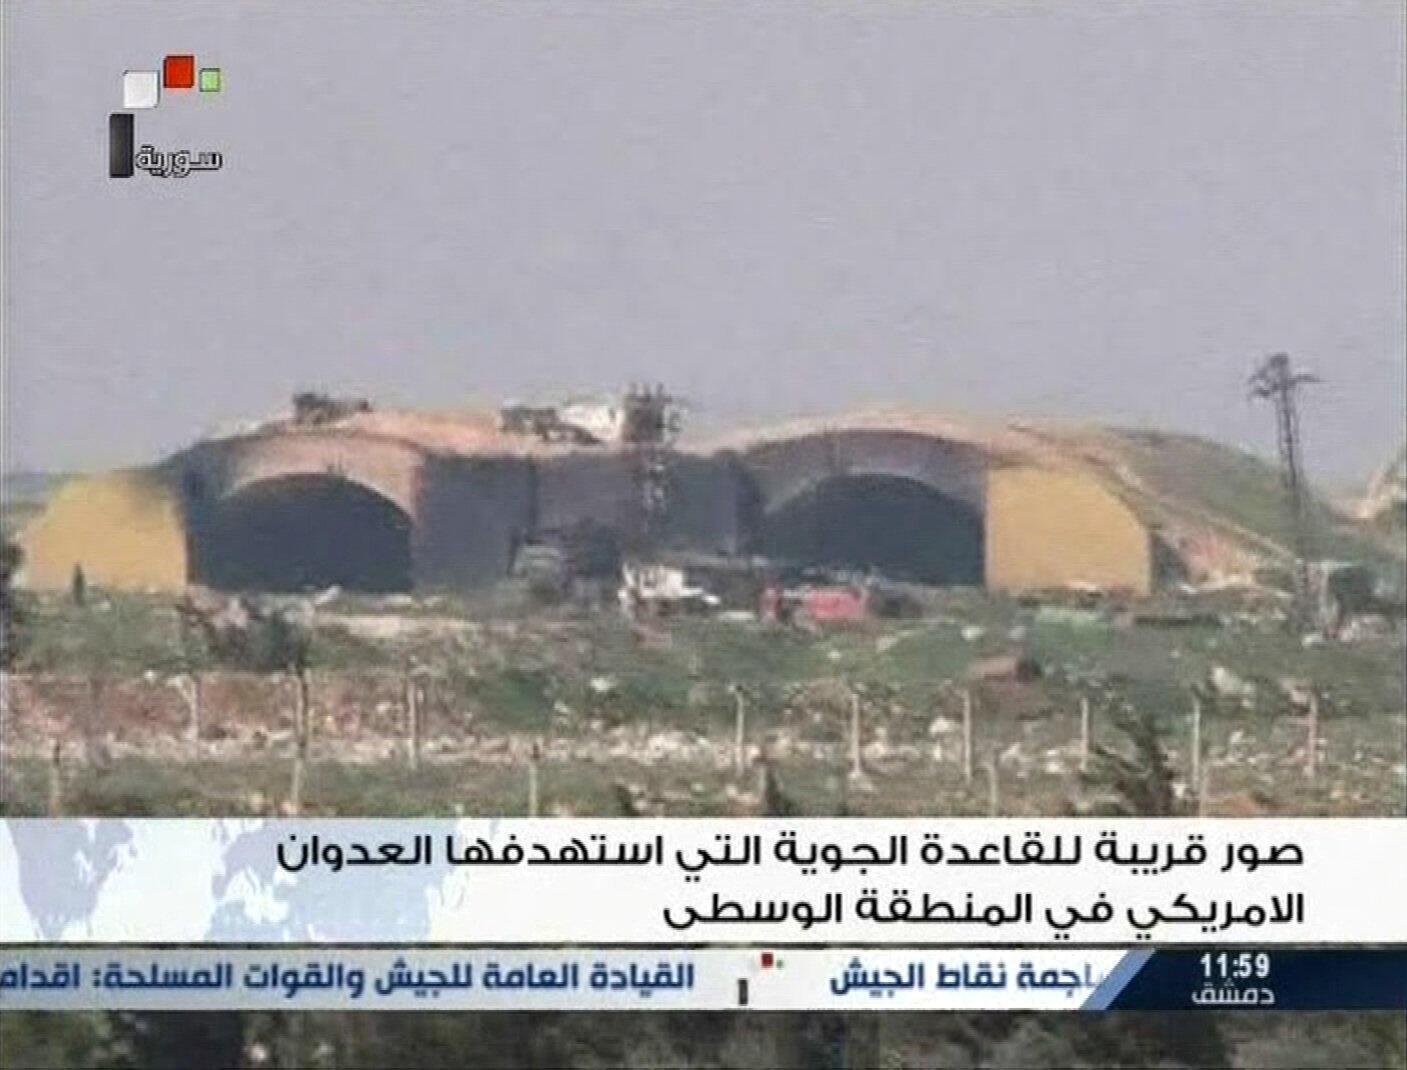 Ảnh chụp ngày 07/04/2017 từ kênh truyền hình nhà nước Syria cho thấy căn cứ không quân, gần thành phố Homs, bị Hoa Kỳ không kích.